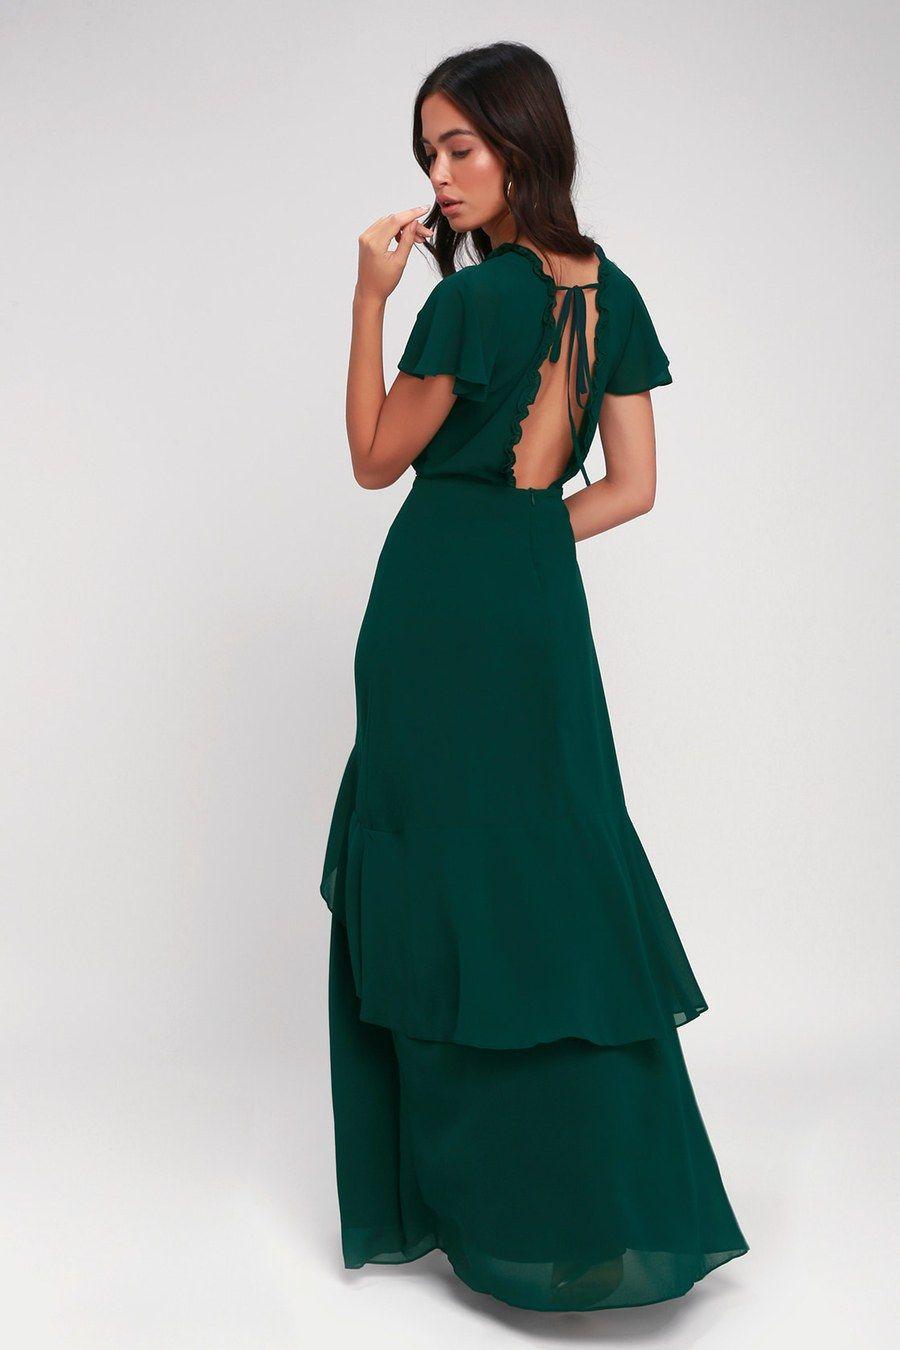 25 Elegant Formal Wedding Guest Dresses For A Black Tie Wedding Wedding Party Dress Guest Black Tie Wedding Guest Dress Green Formal Dresses [ 1350 x 900 Pixel ]